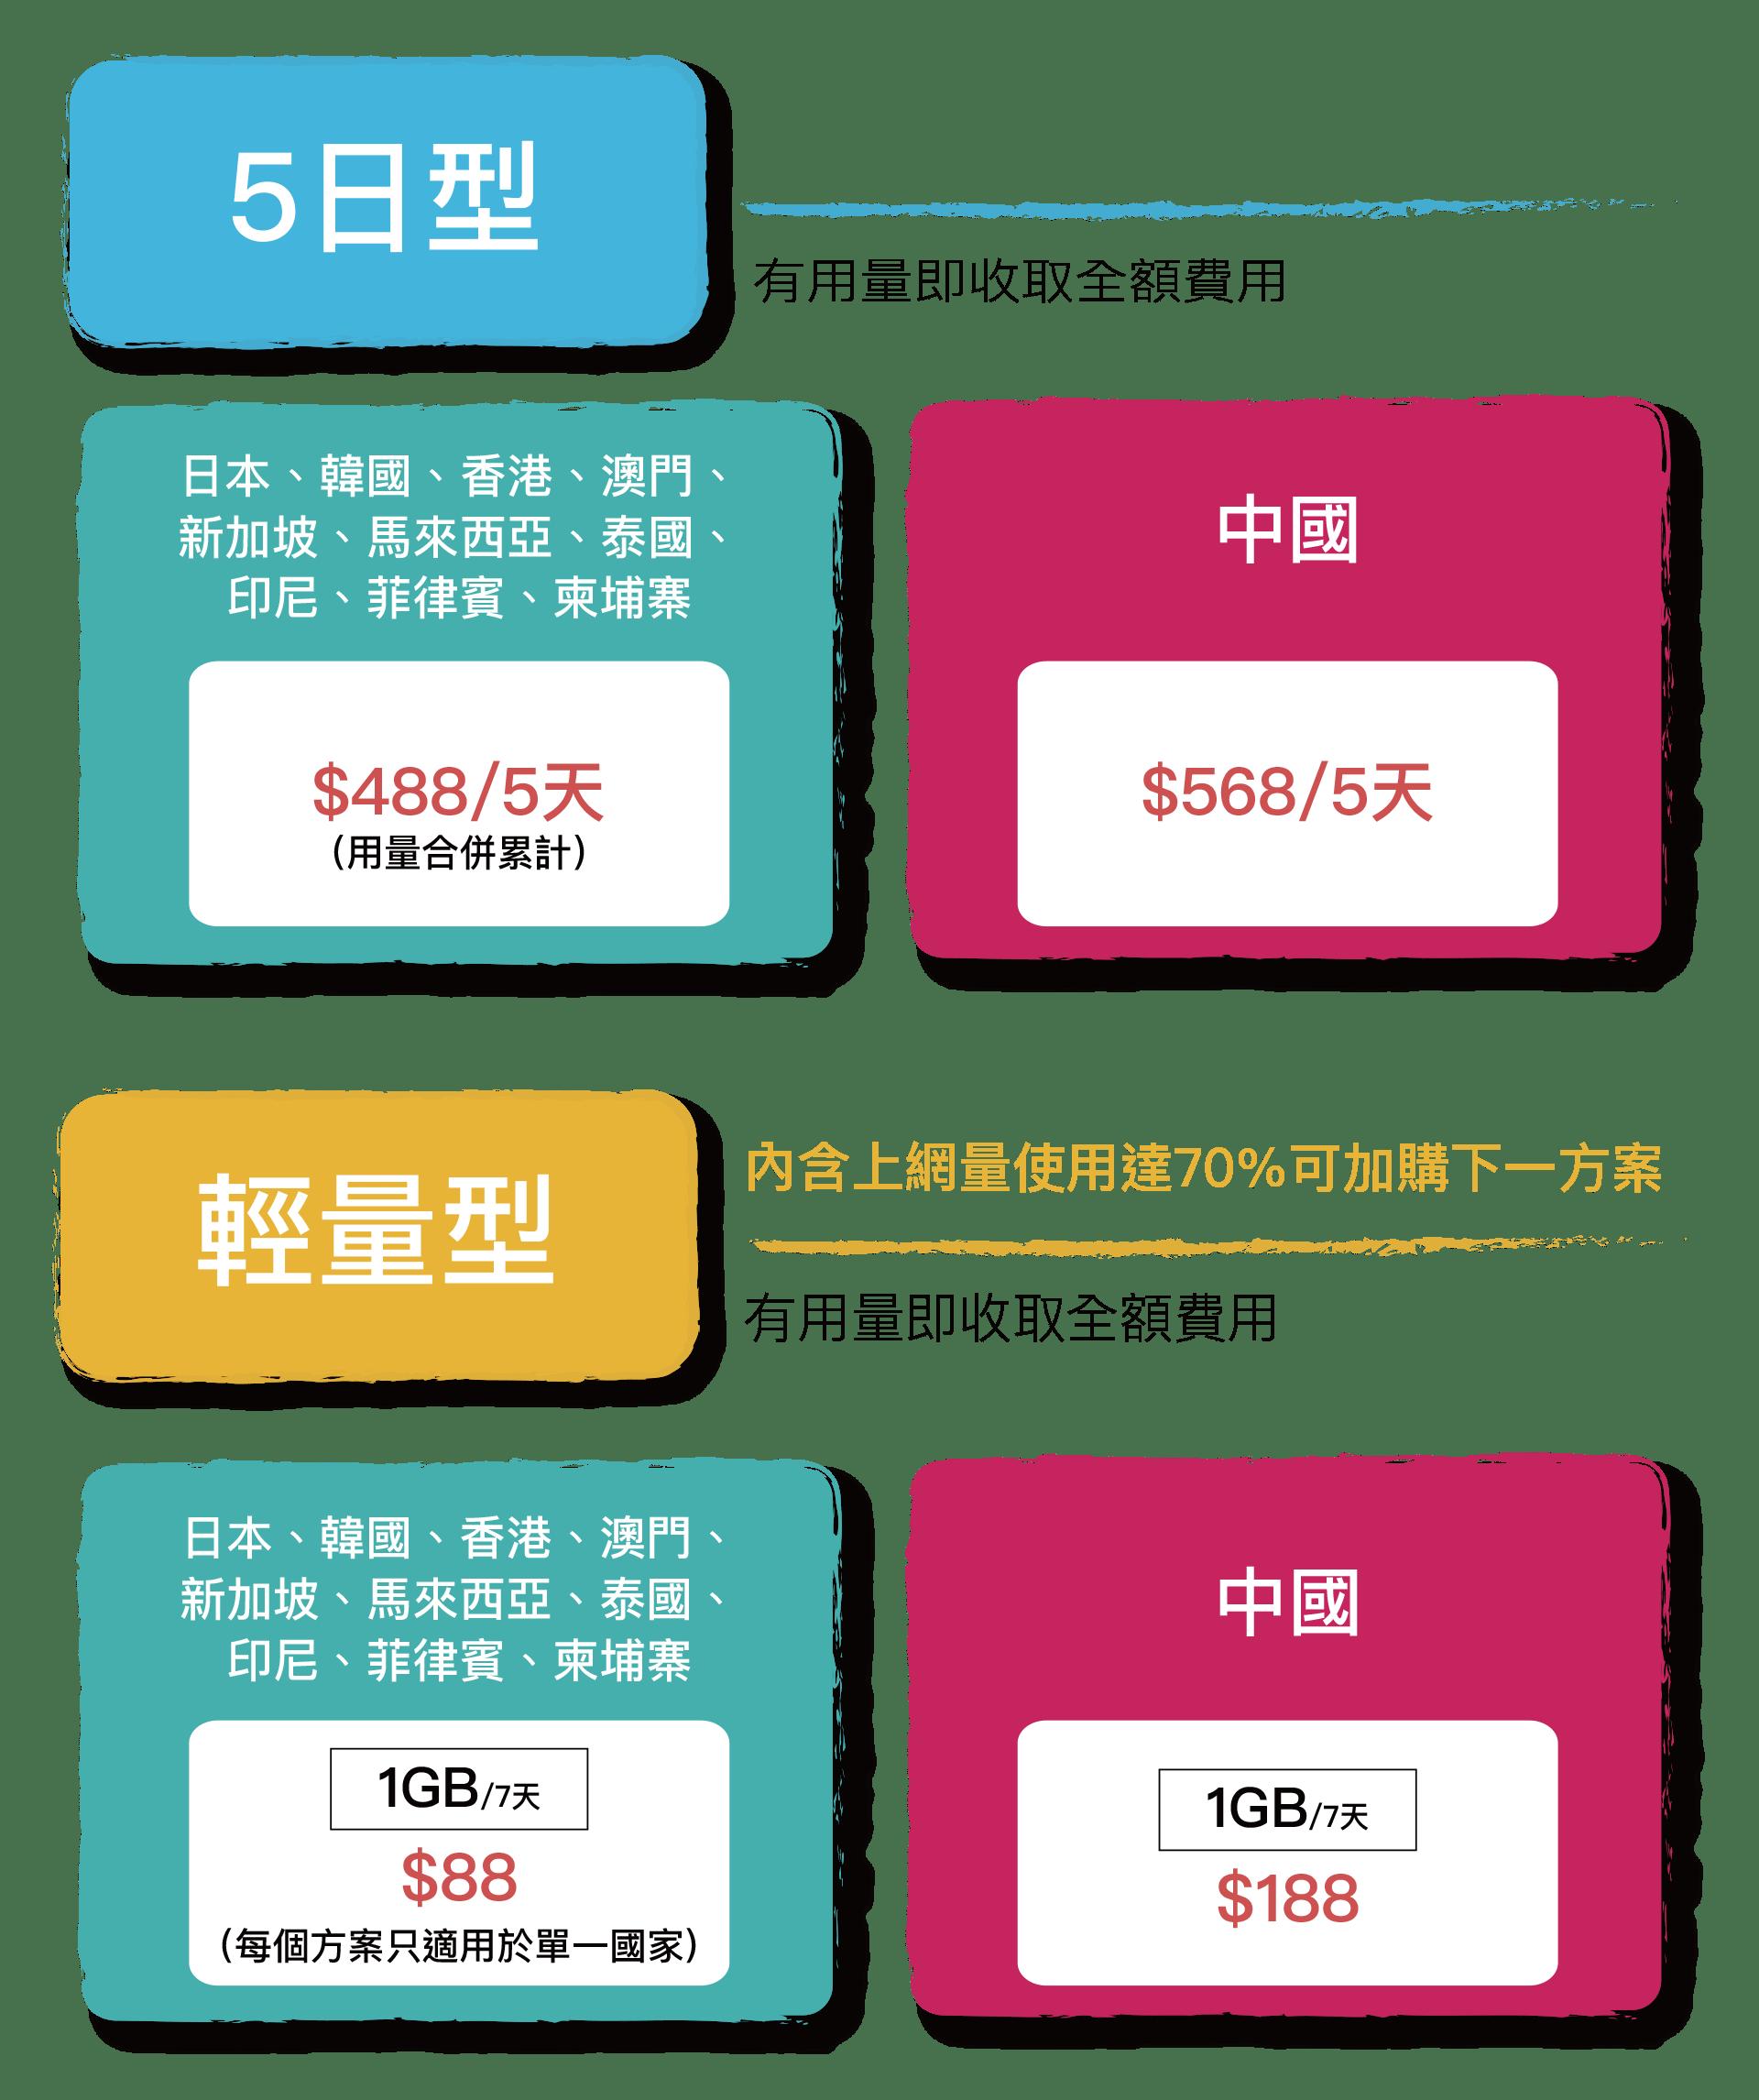 學生漫遊優惠 | 中華電信網路門市 CHT.com.tw